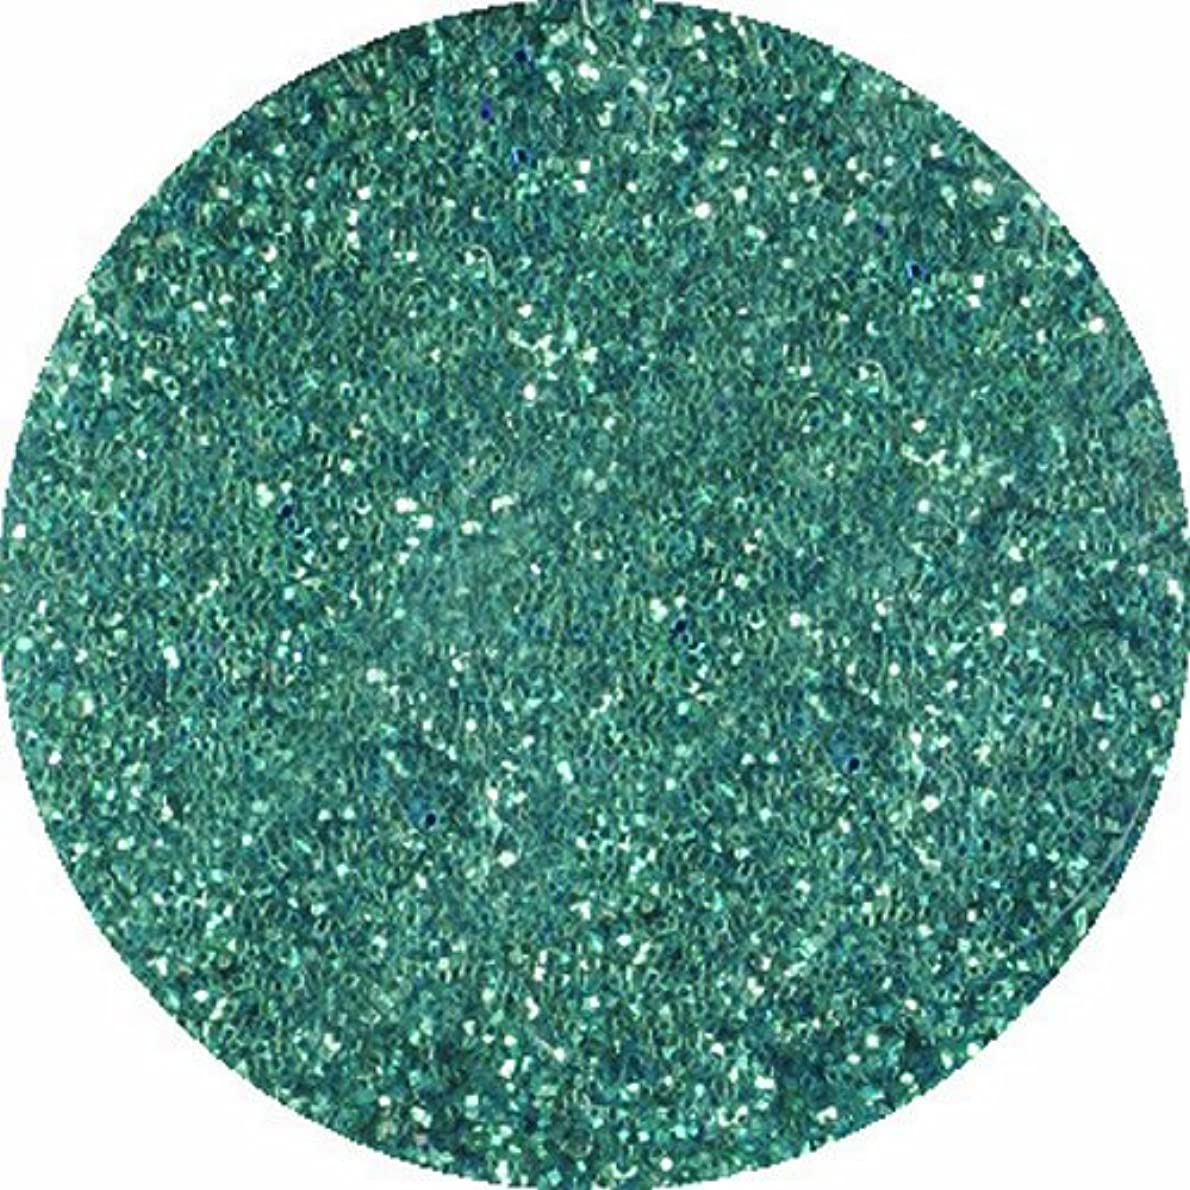 著名な酸化物処方するビューティーネイラー ネイル用パウダー 黒崎えり子 ジュエリーコレクション ライトブルー0.05mm